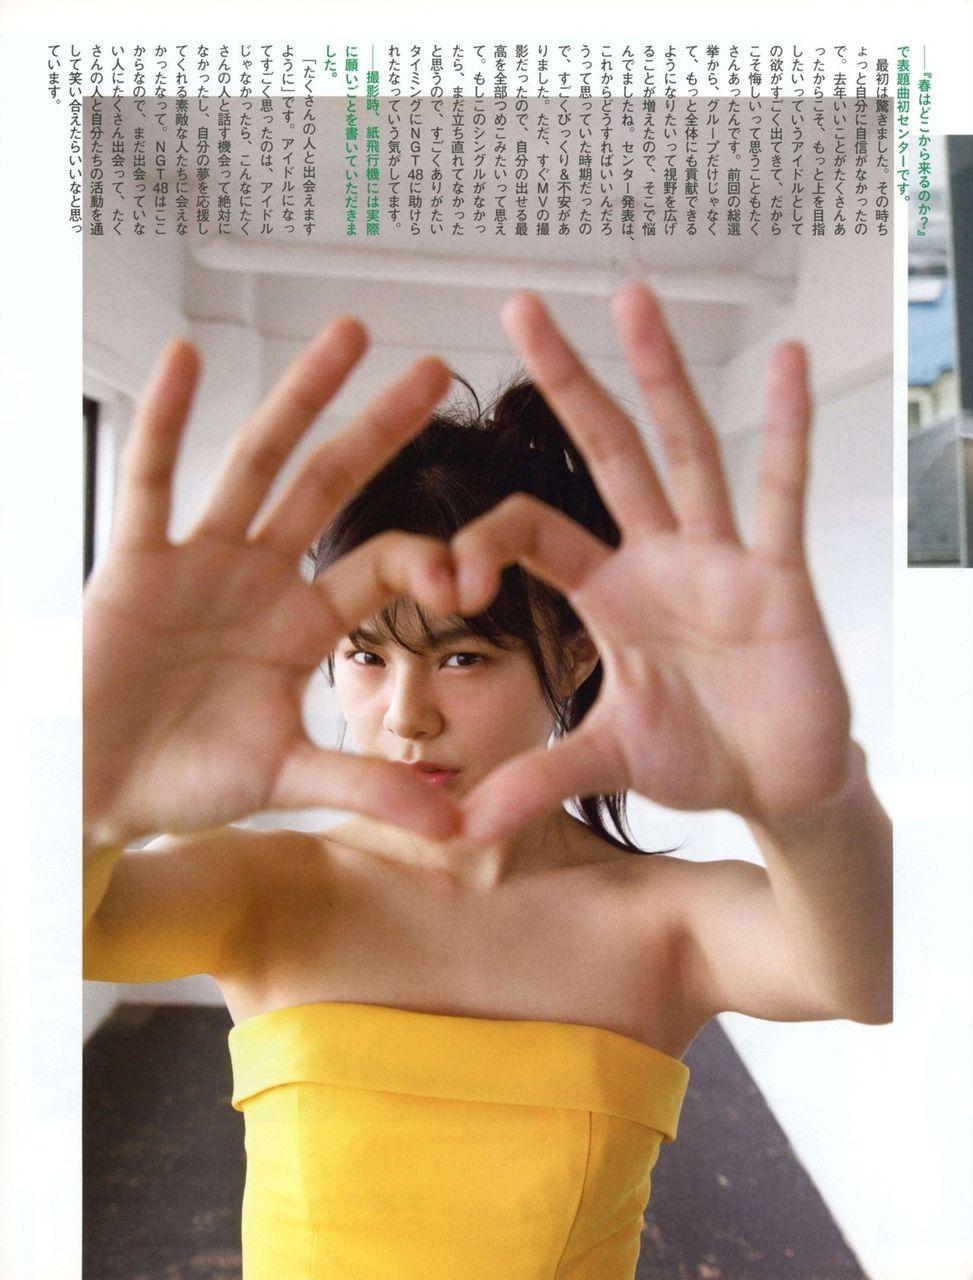 本間日陽エロ画像tumblr_p8t12dM2i31uyi5jso5_1280